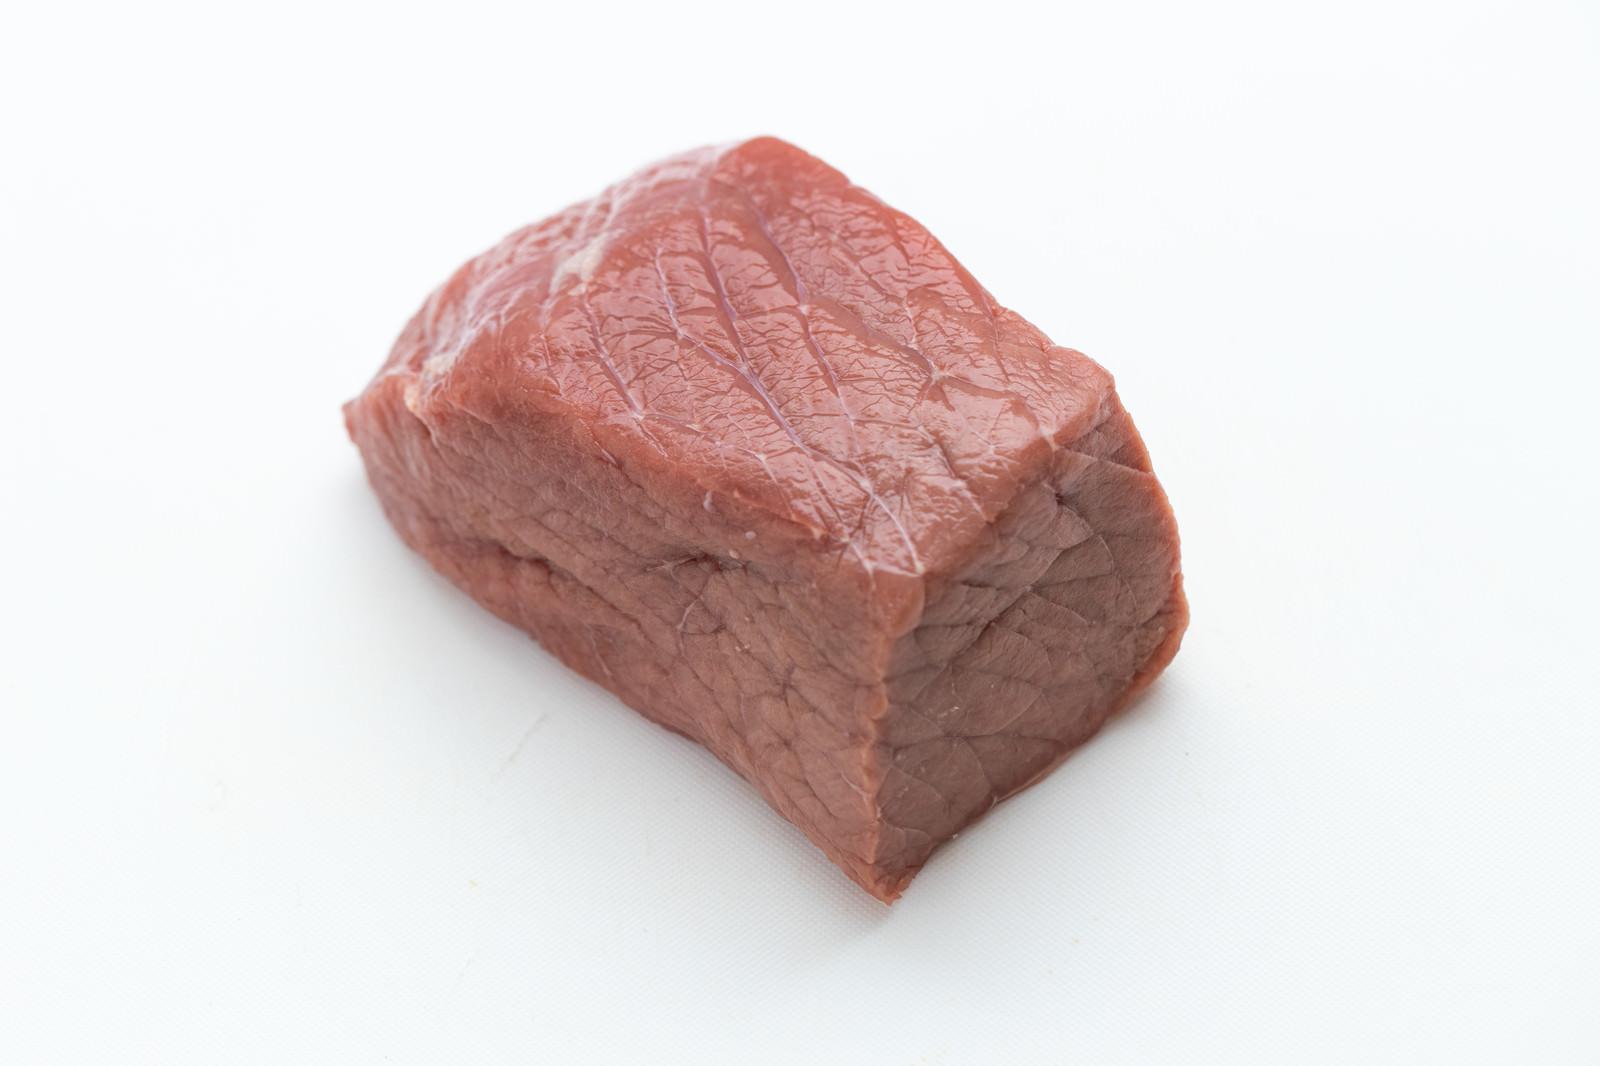 「ブロックかたまり肉俯瞰から斜め向き」の写真